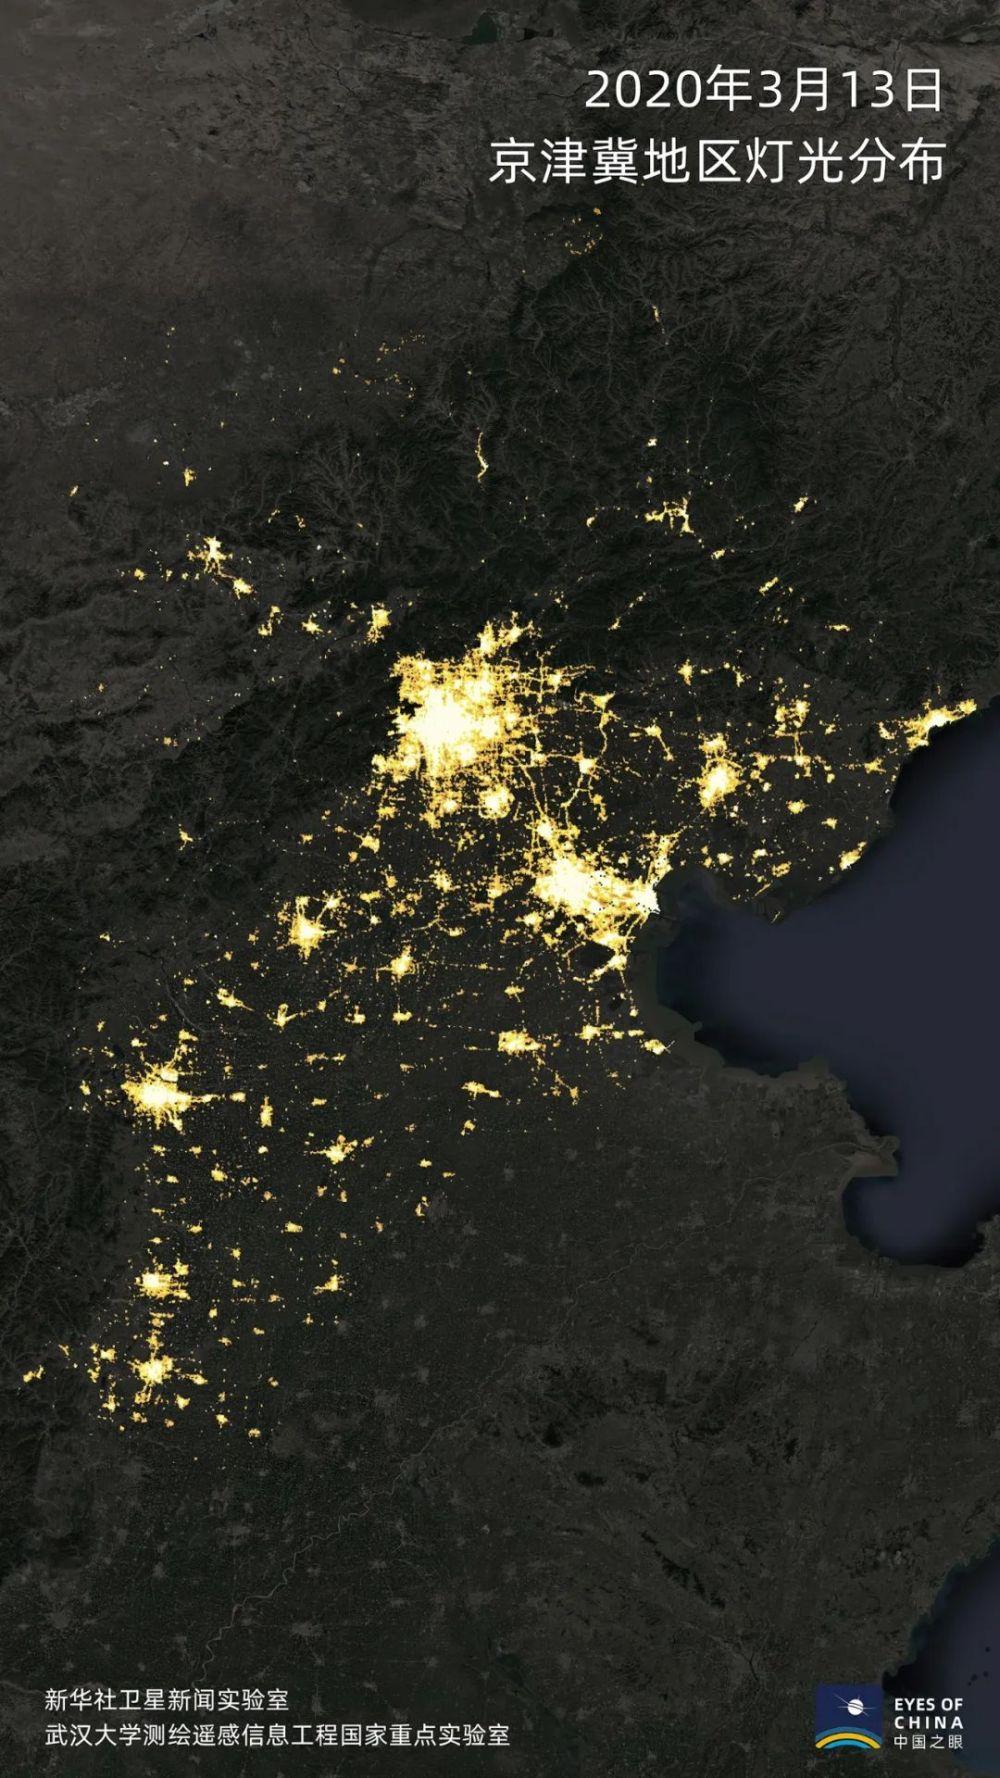 卫星发现一个信号:中国正在亮起来